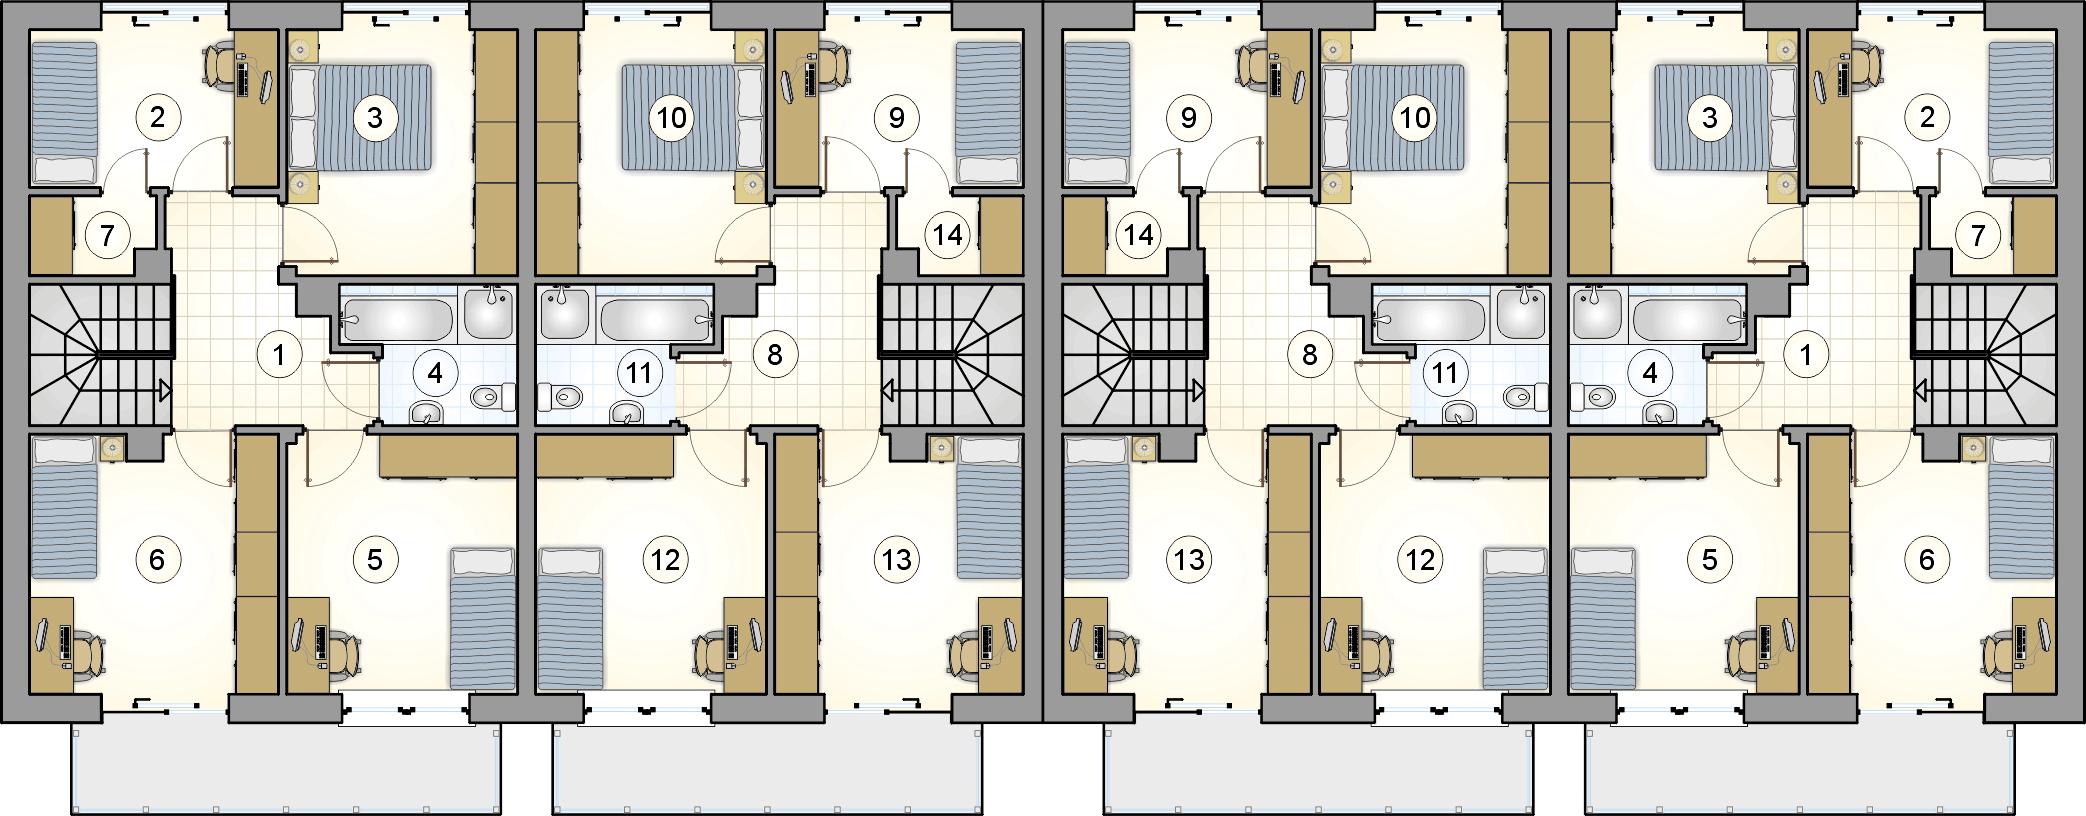 rzut piętra - projekt Torino II